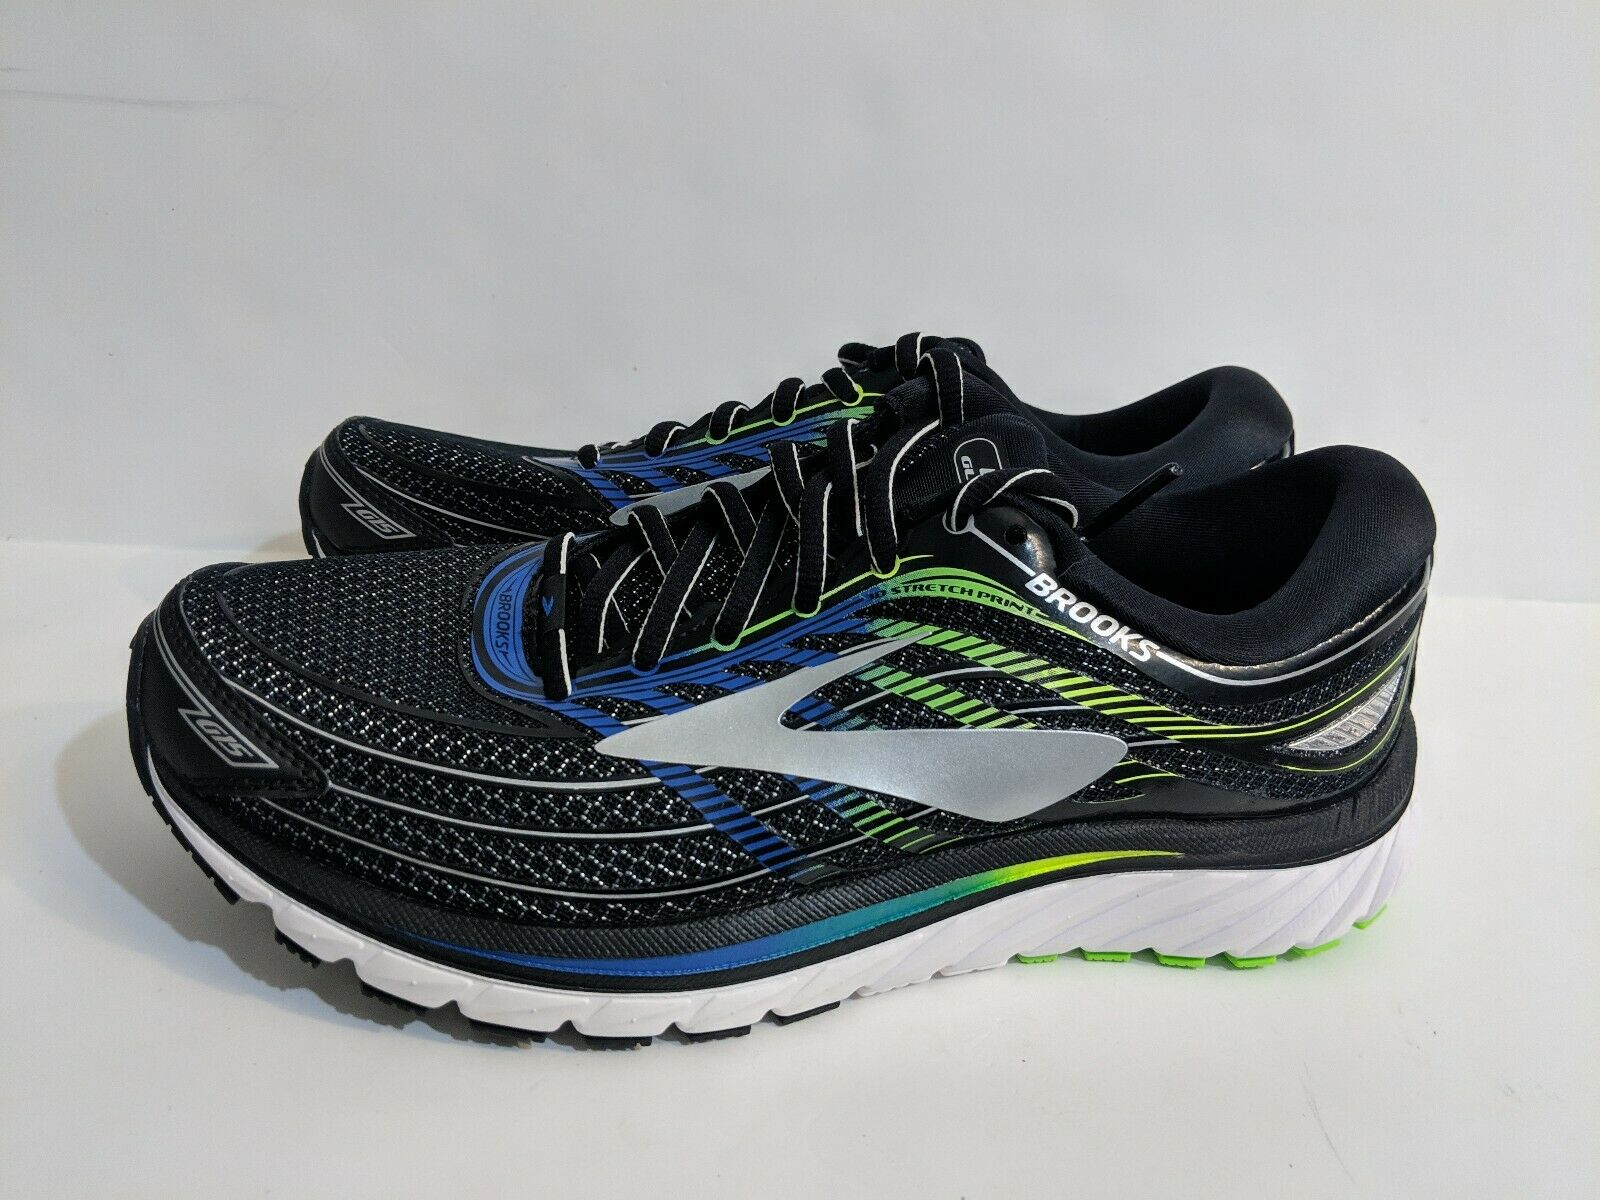 Brooks Glycerin 15 Running scarpe nero blu verde 110258-2E-012 Men's Dimensione 8